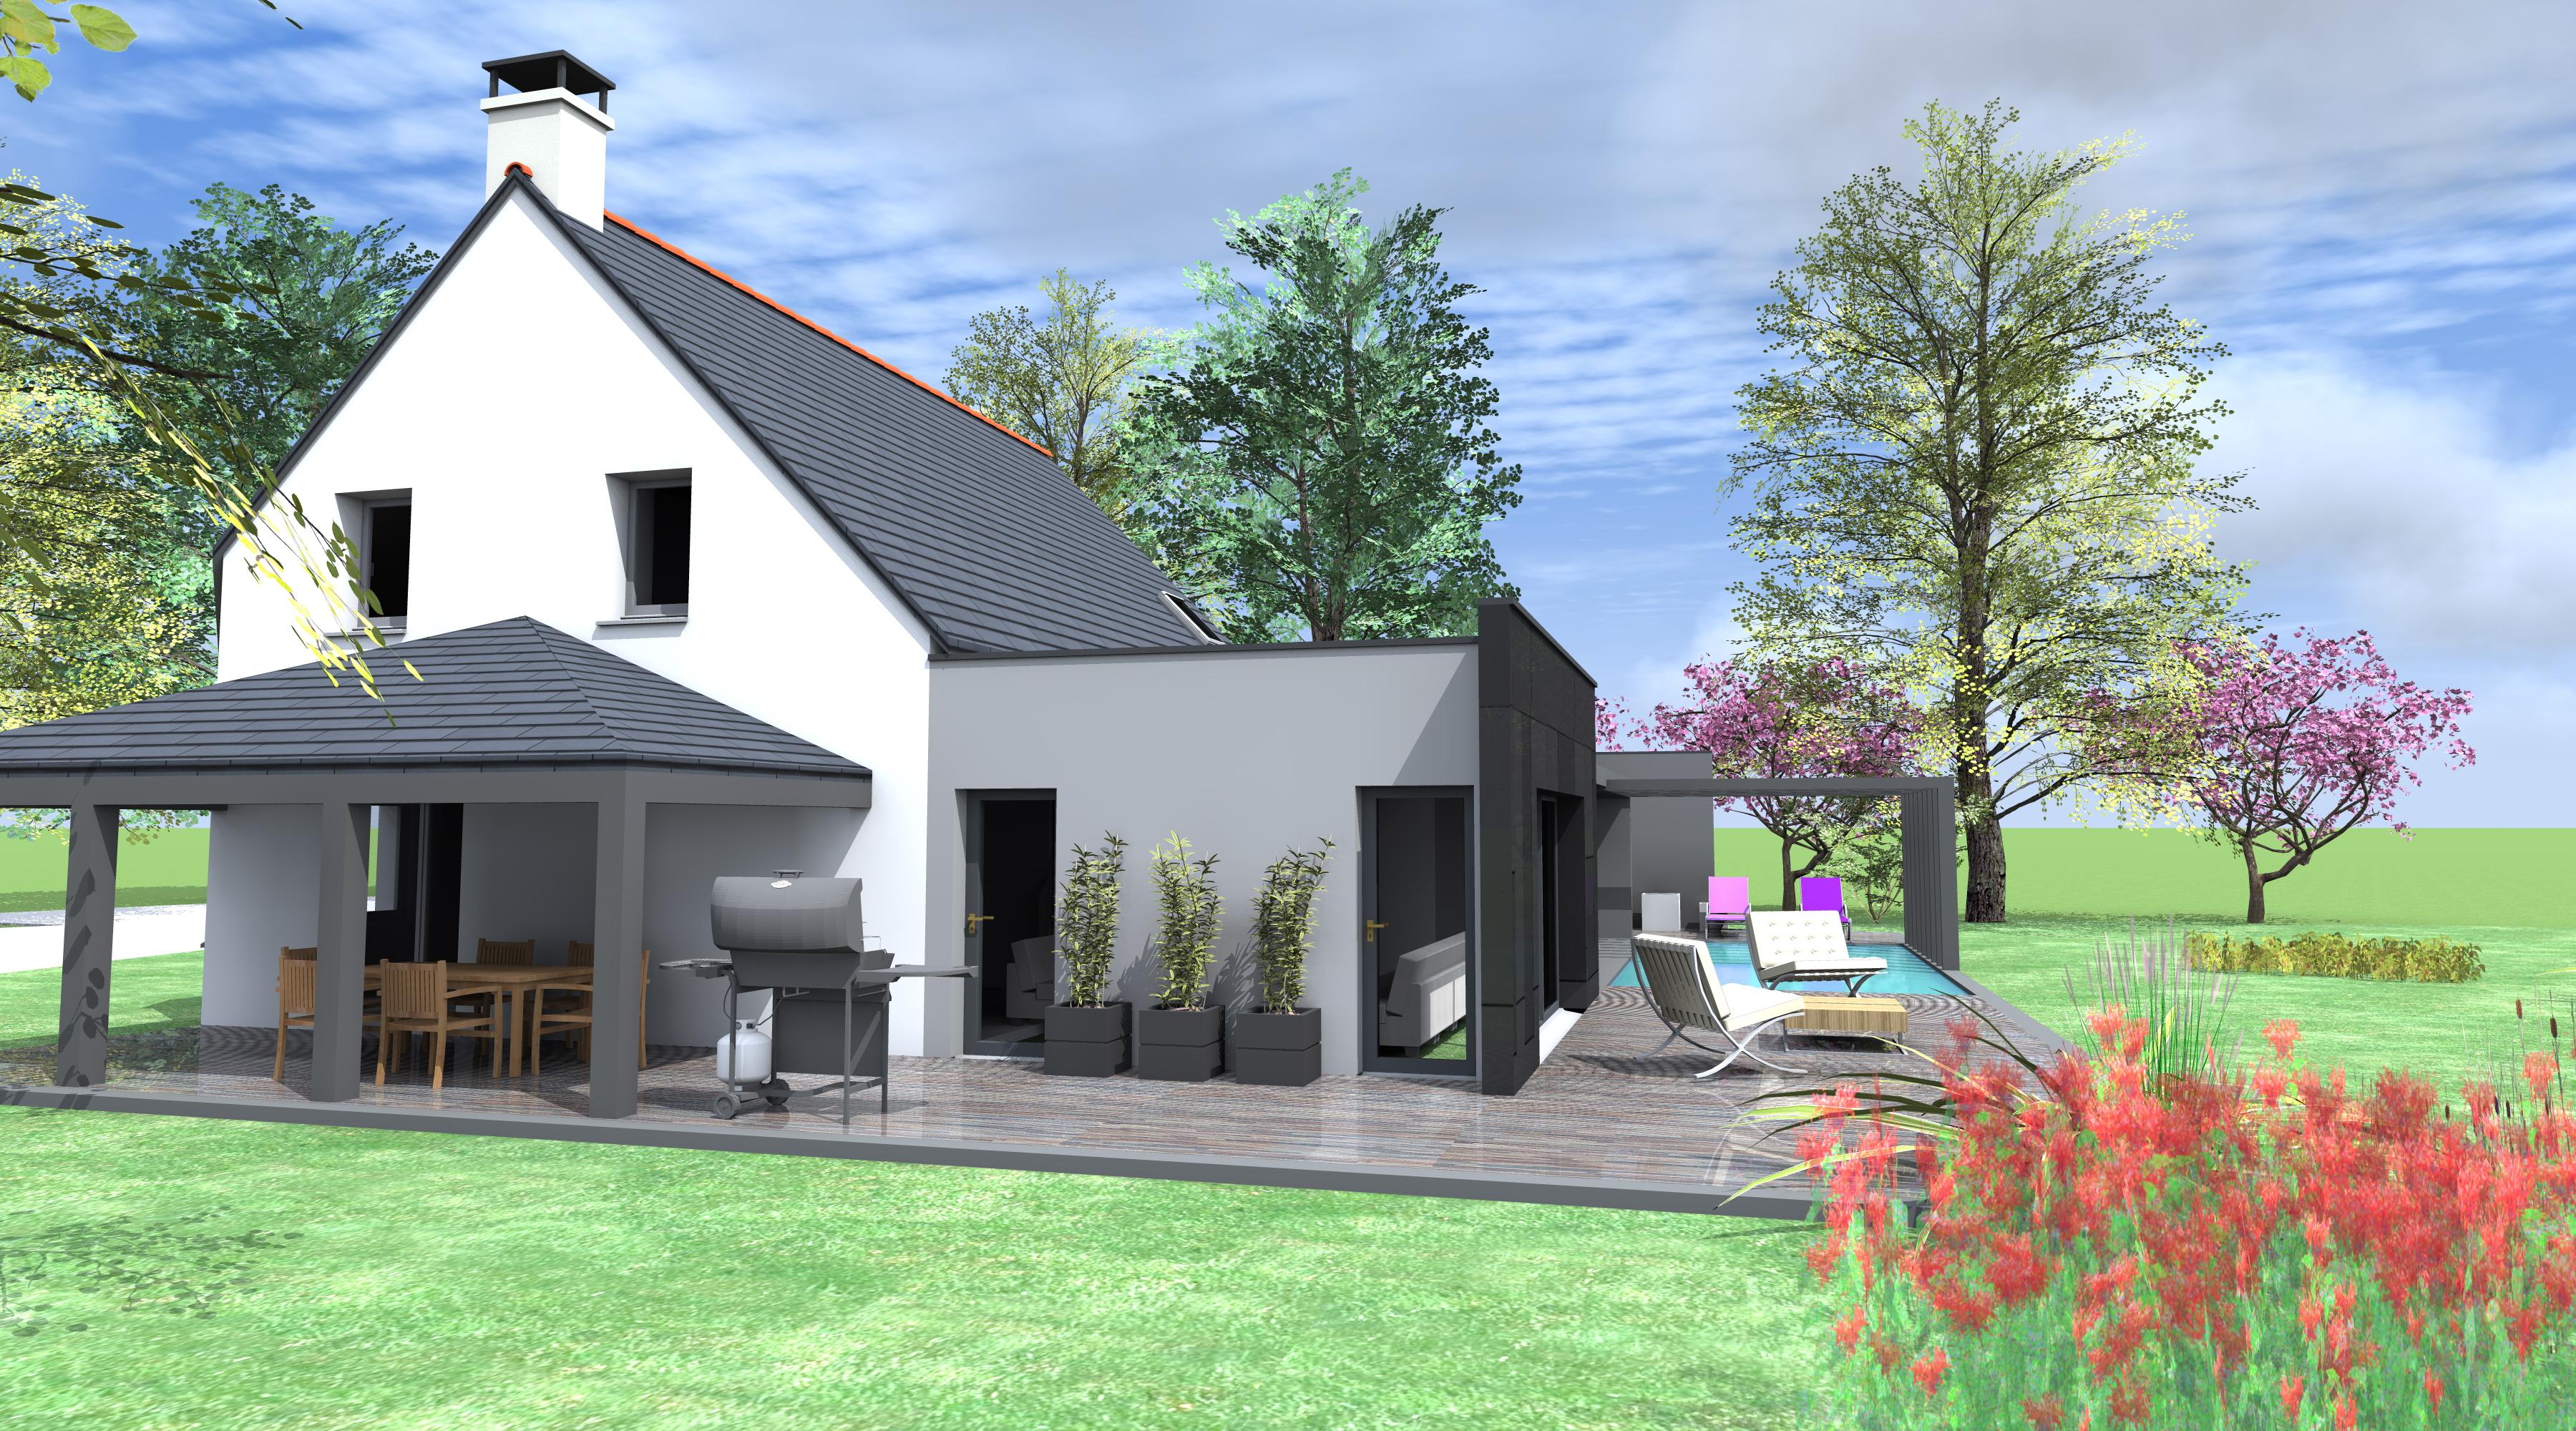 projet k k 1 2 vue architecte lise roturier rennes. Black Bedroom Furniture Sets. Home Design Ideas